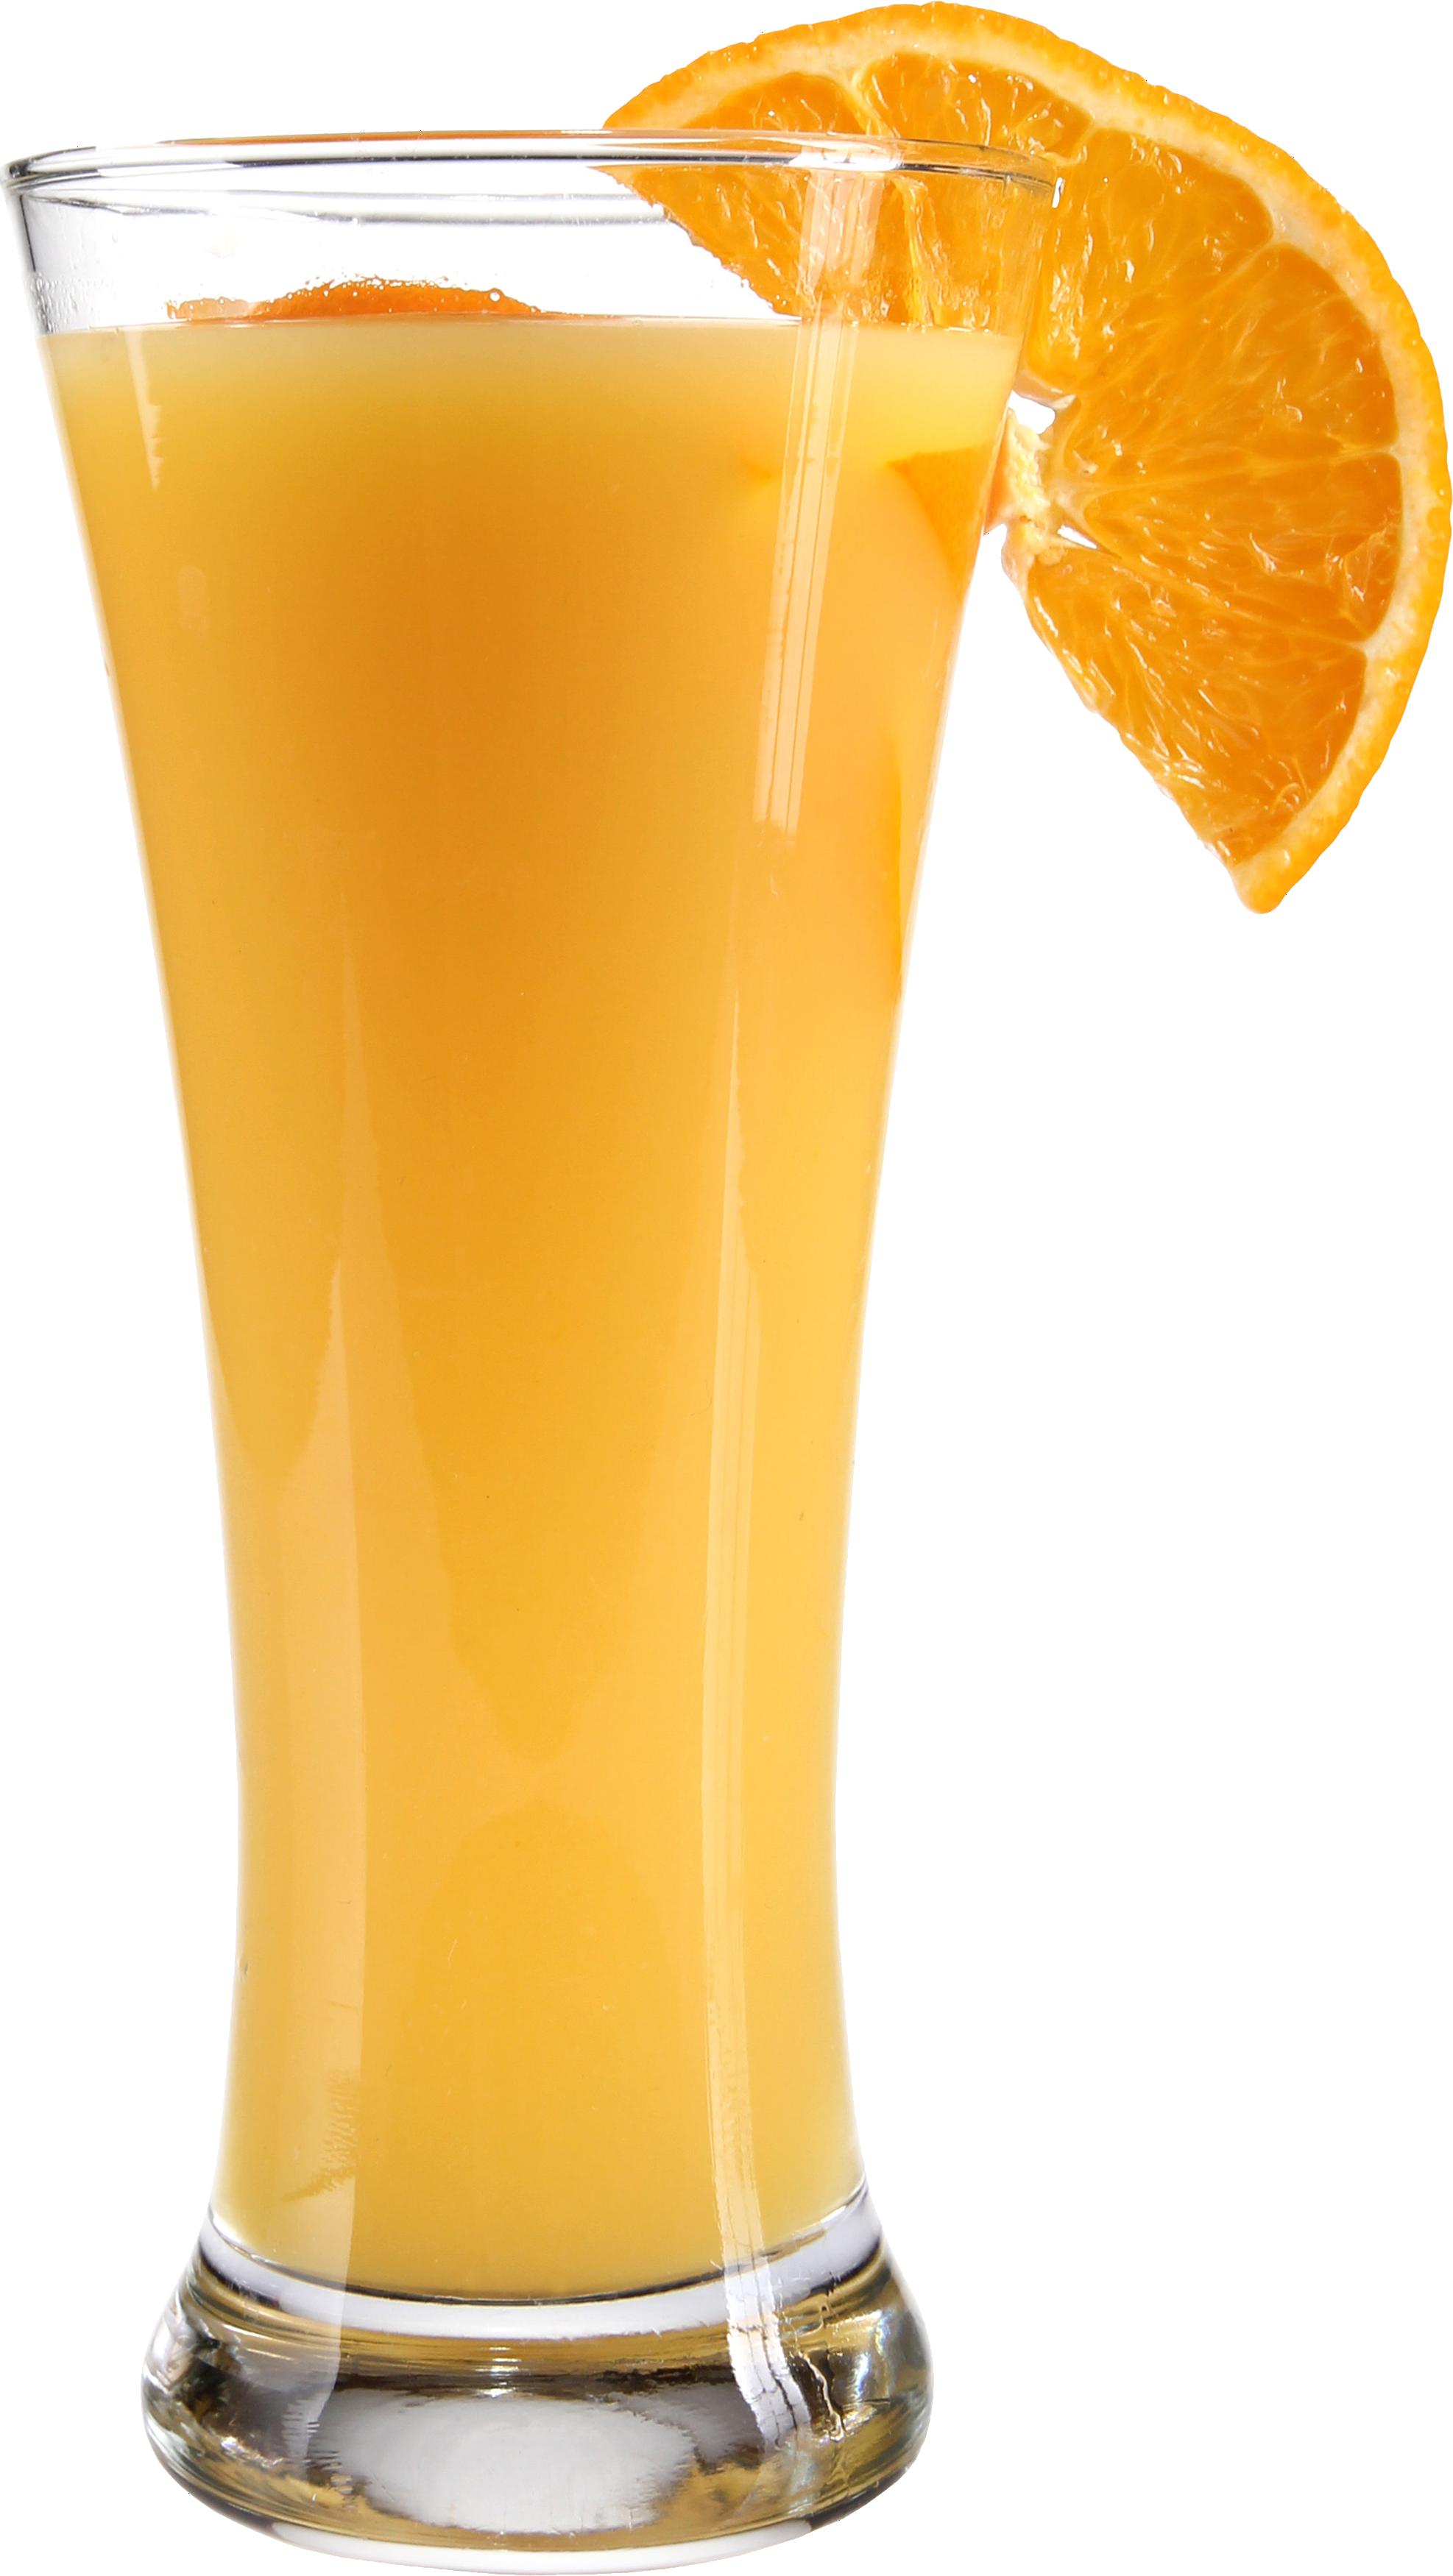 Juice Png Image Minuman